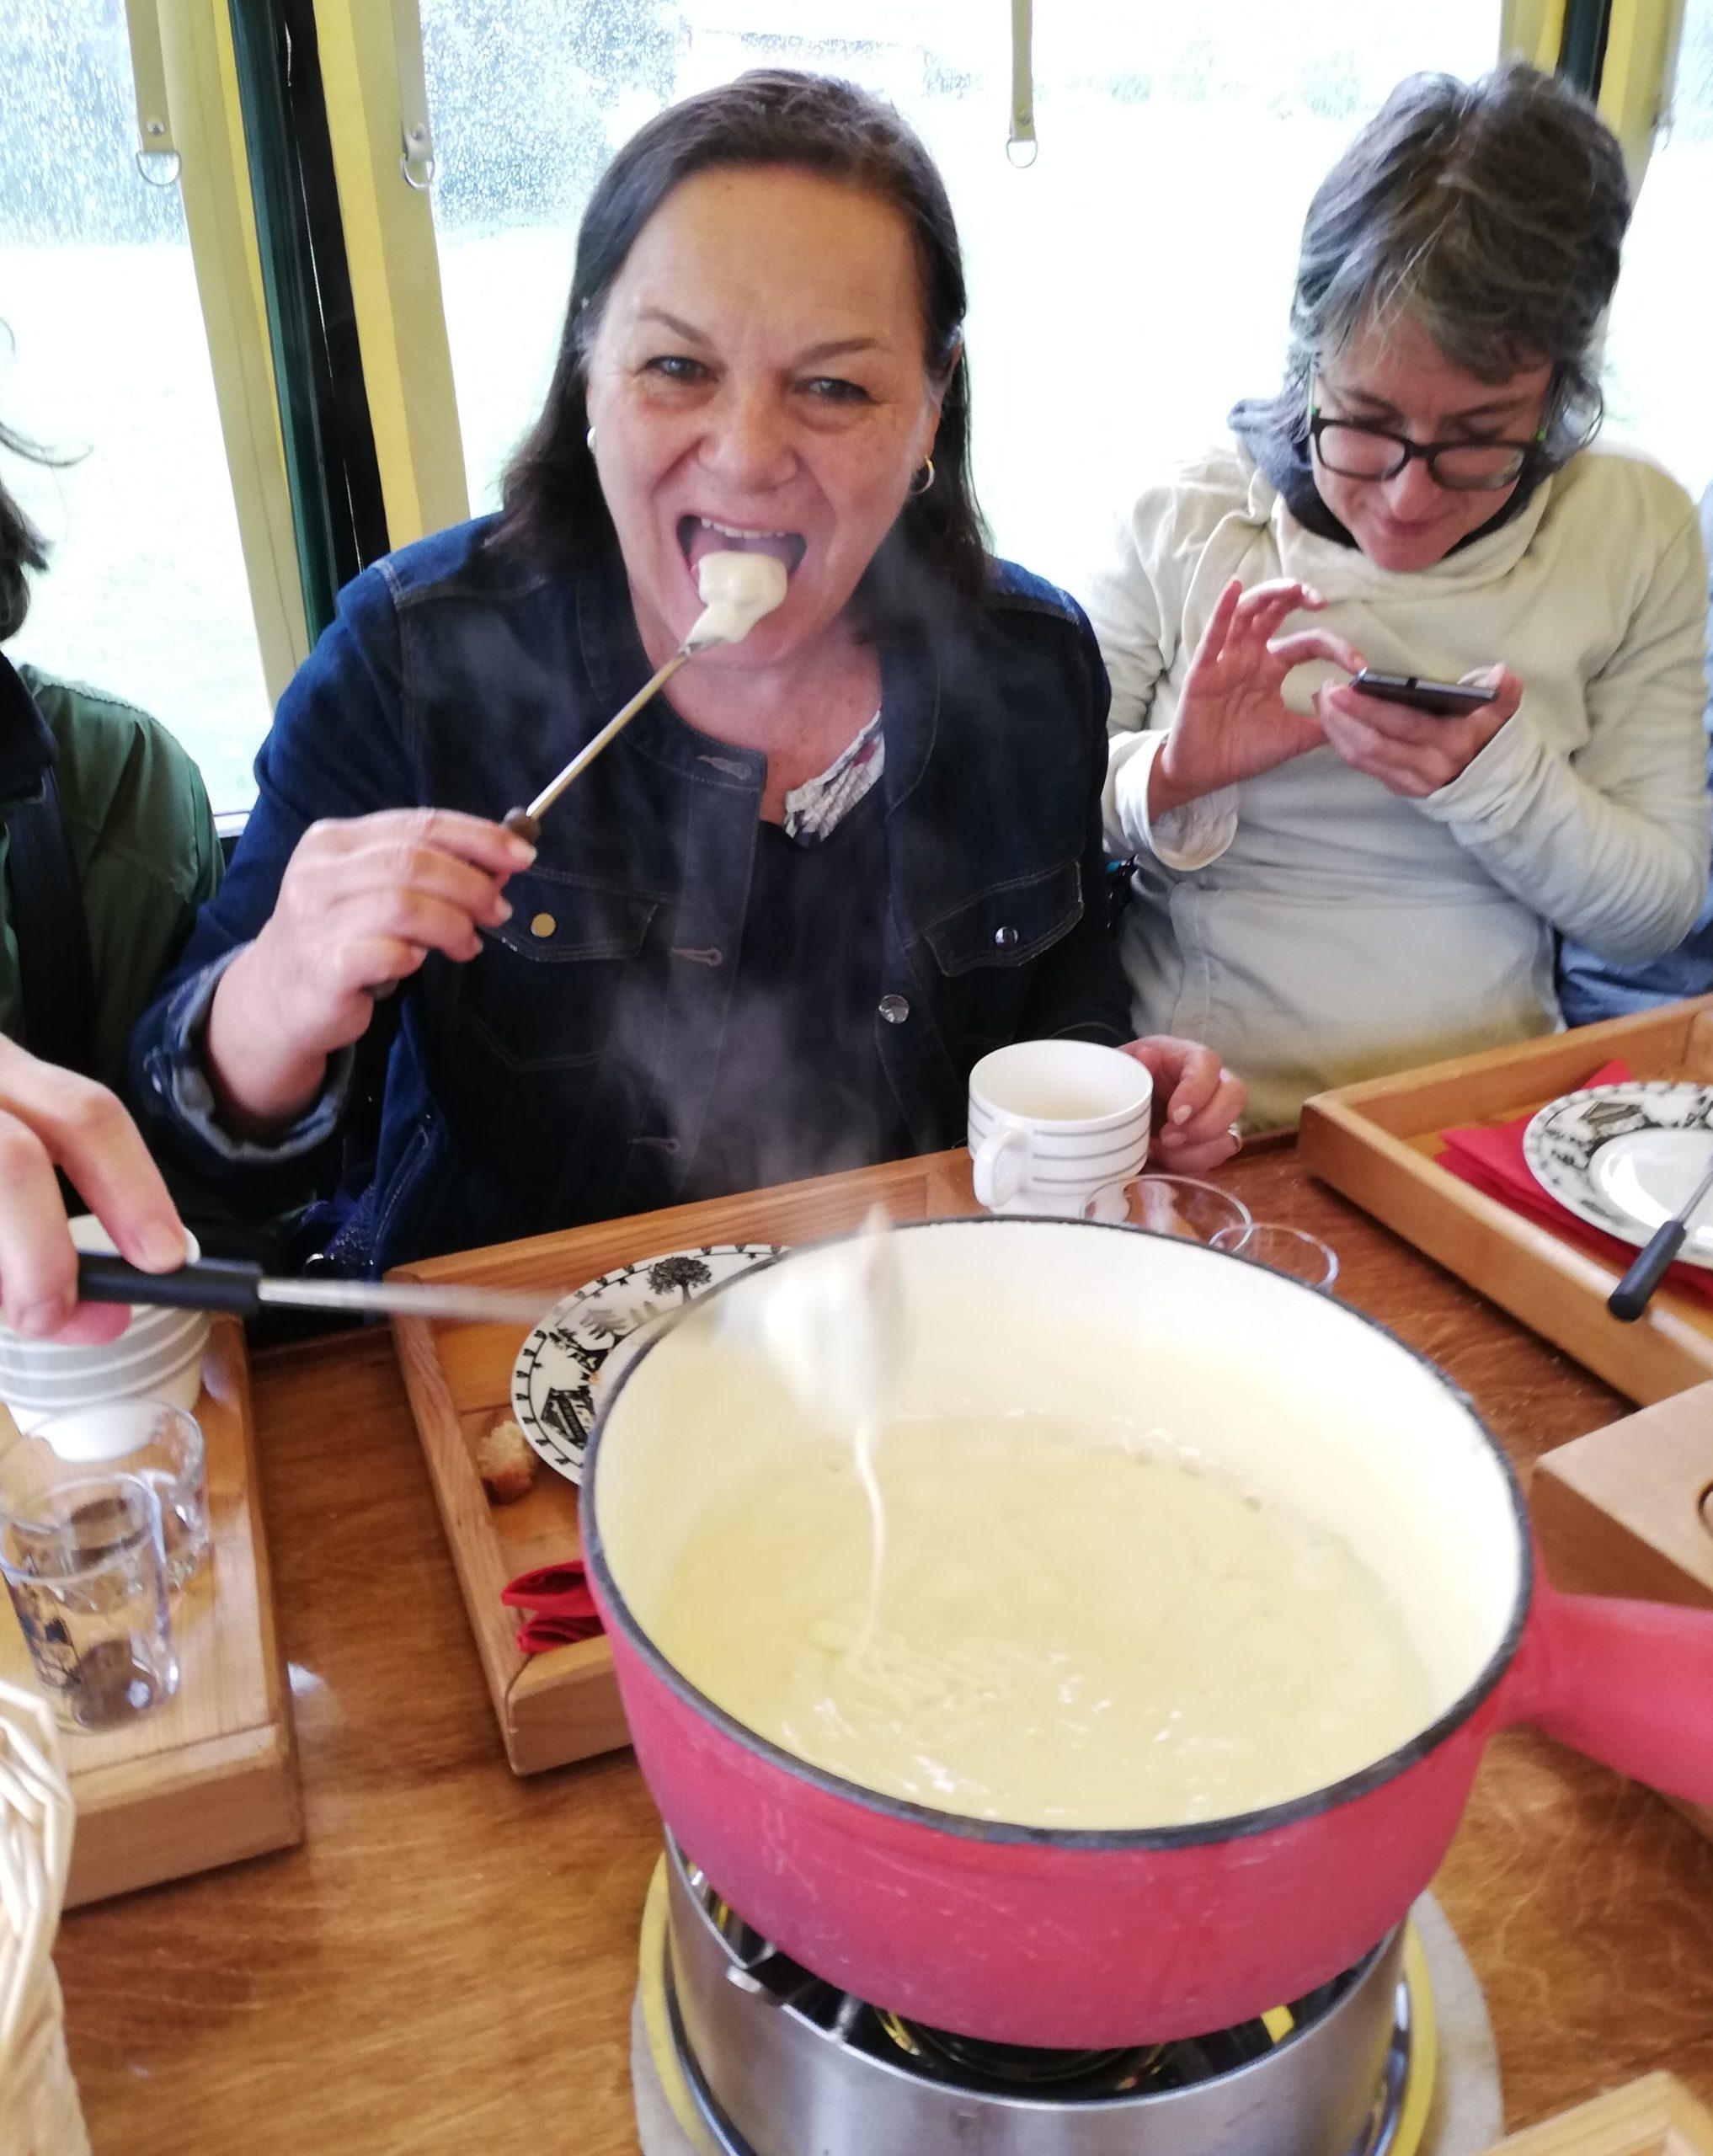 Dégustation d'une fondue valaisanne dans un char à fondue de la Ferme des moulins Sembrancher Suisse